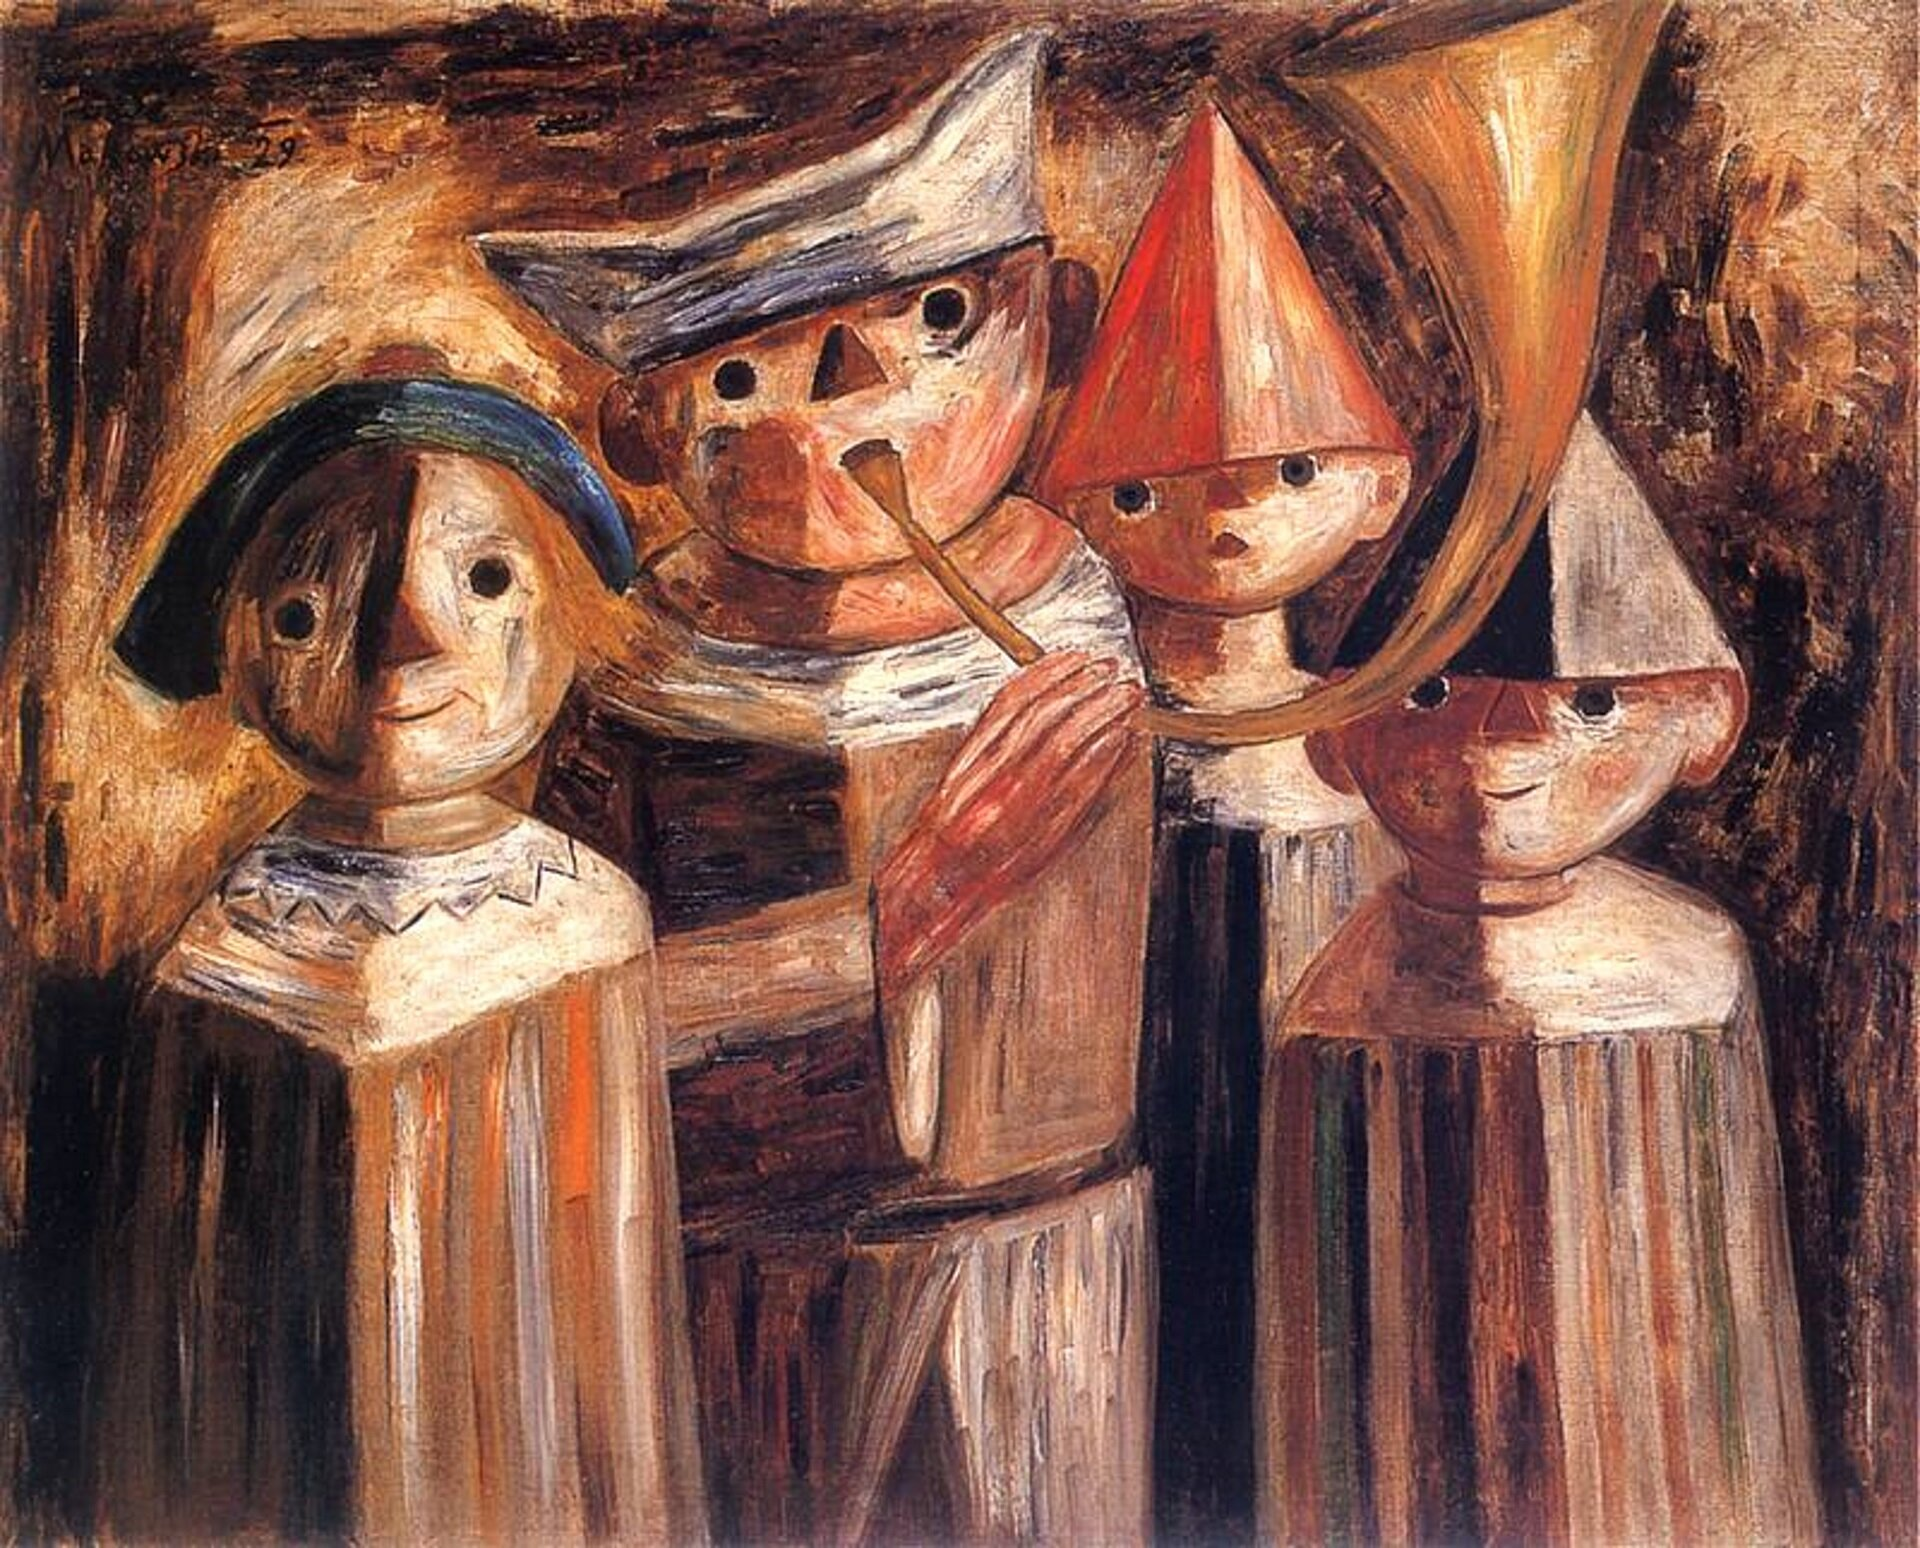 """Ilustracja przedstawia obraz pt. """"Czworo dzieci ztrąbą"""" autorstwa Tadeusza Makowskiego. Dzieło ukazuje czterech chłopców, którzy mają nakrycia głowy. Jeden znich gra na trąbie. Chłopcy maja tułów kanciasty."""